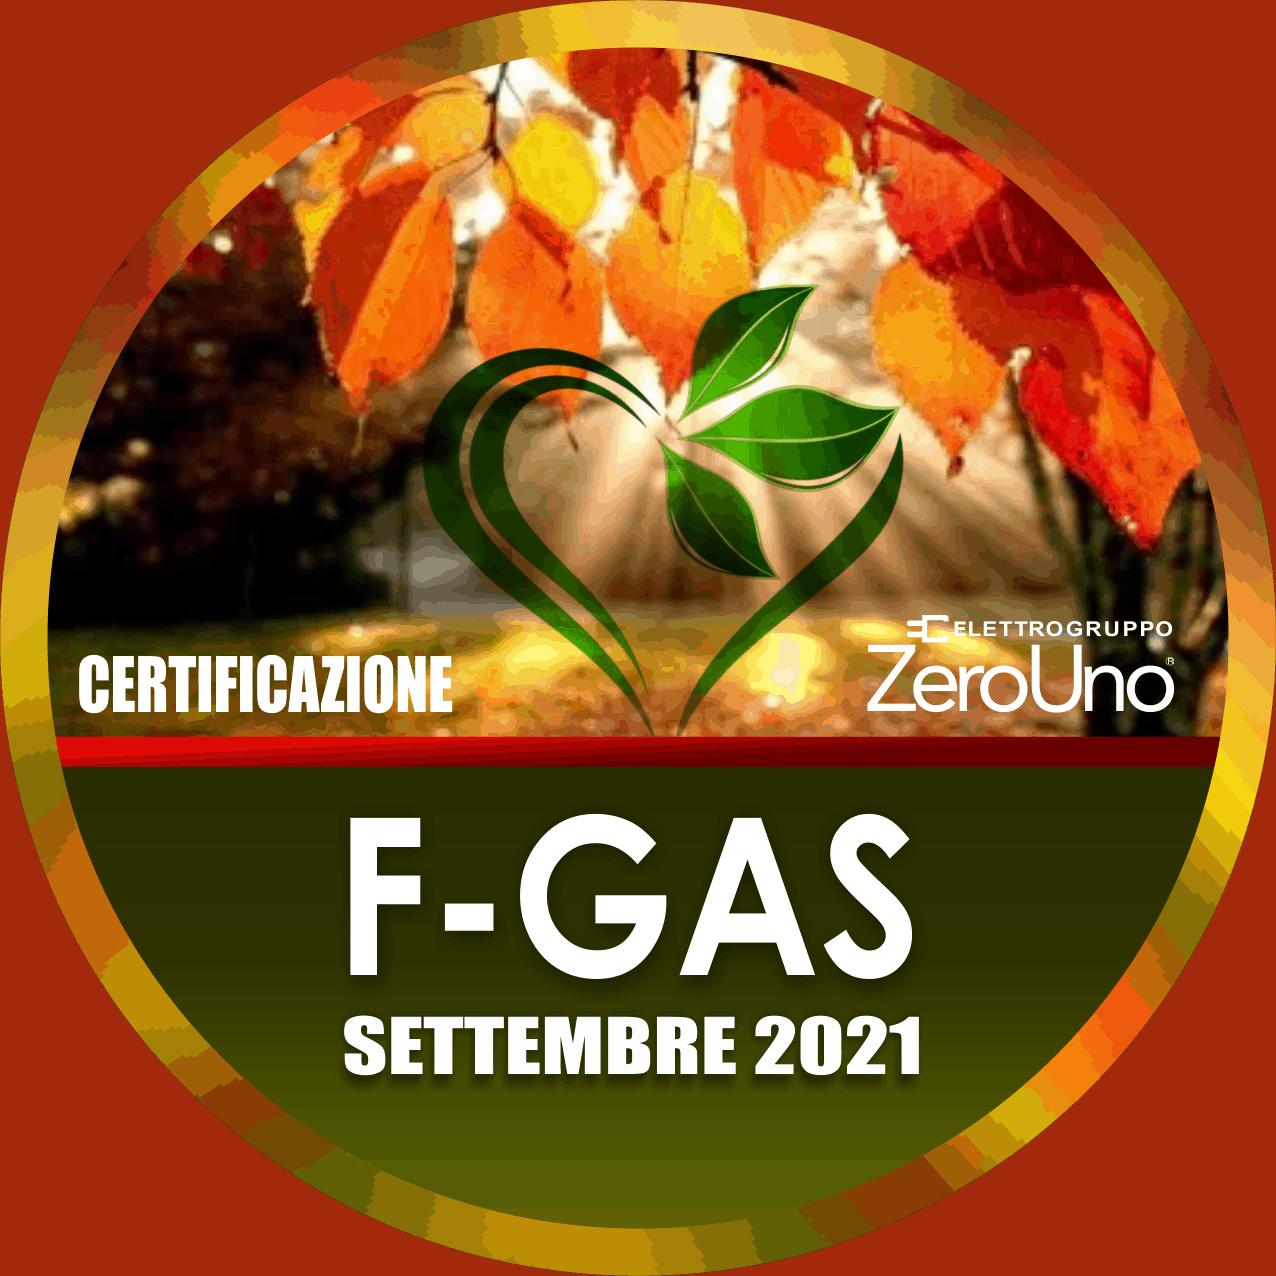 Il patentino F-GAS Settembre | Elettrogruppo ZeroUno | Beinasco | TO | F-GAS CERTIFICAZIONE